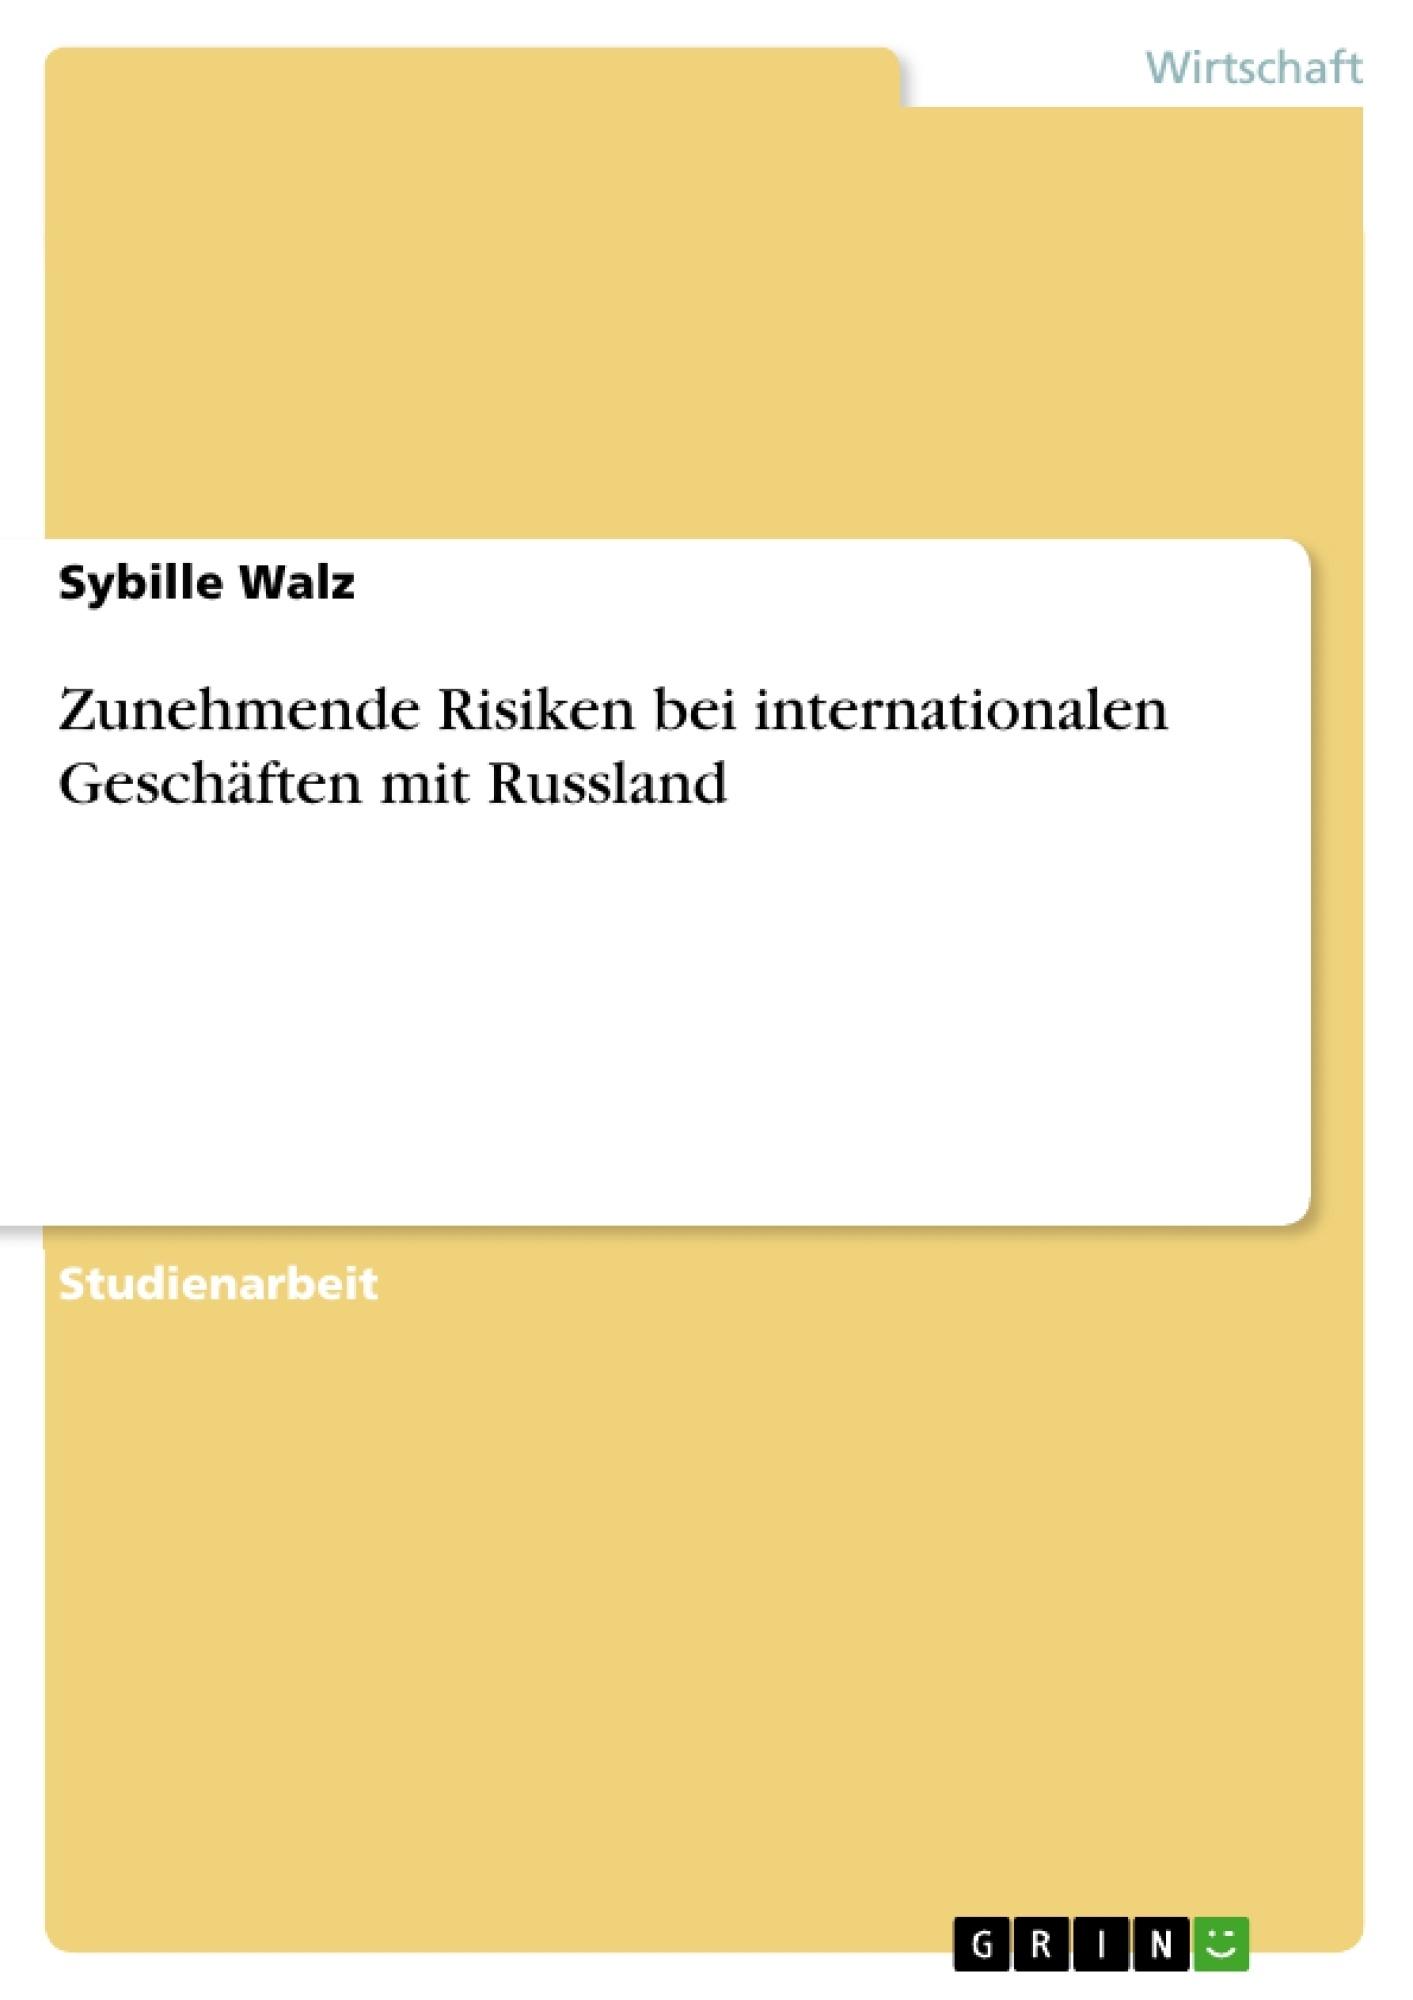 Titel: Zunehmende Risiken bei internationalen Geschäften mit Russland